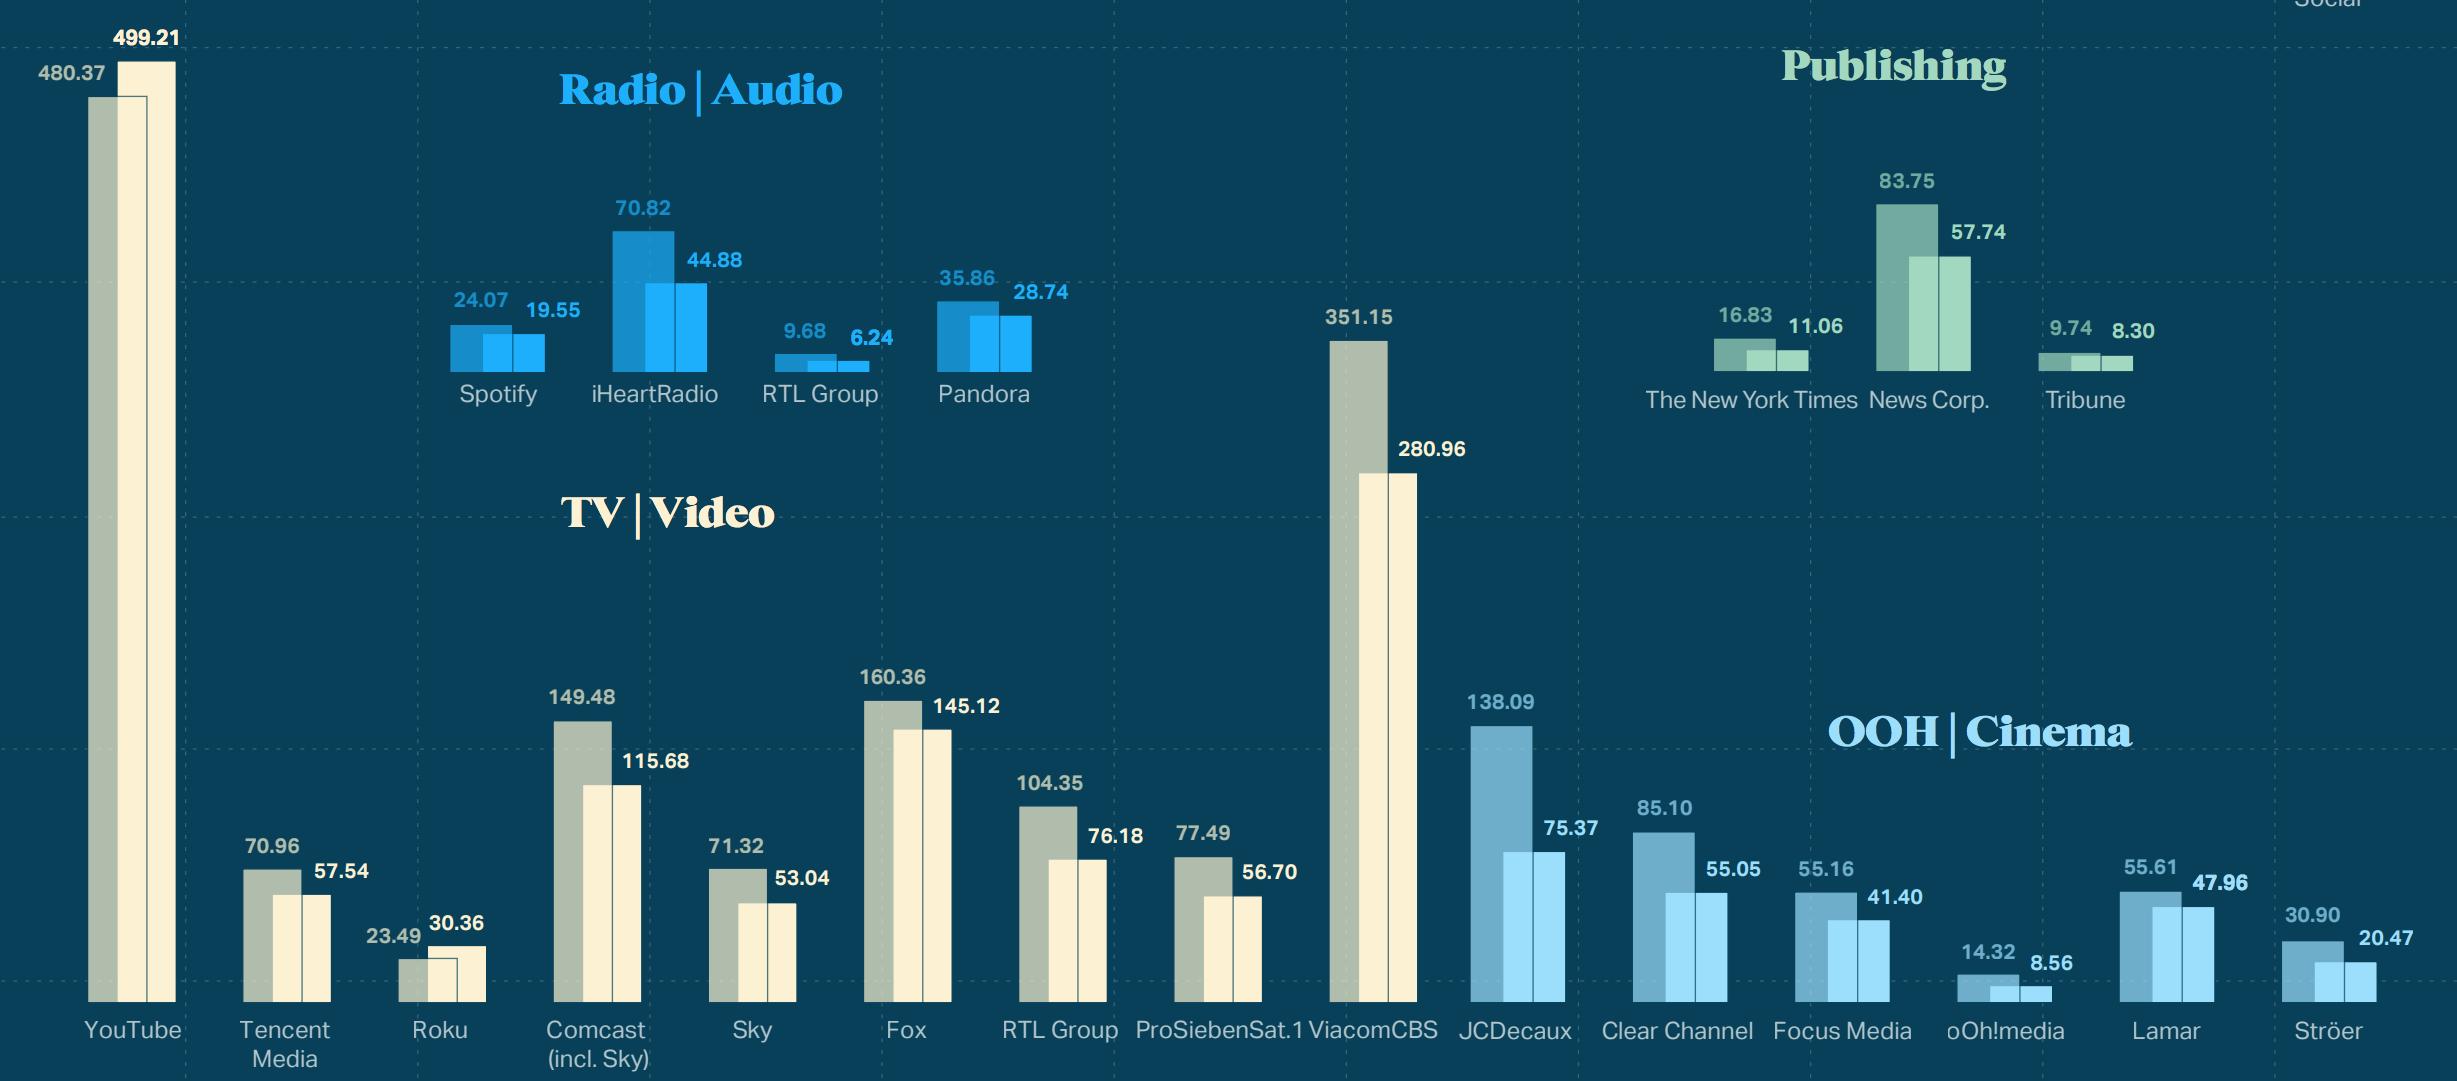 crescimento do investimento em mídia off line